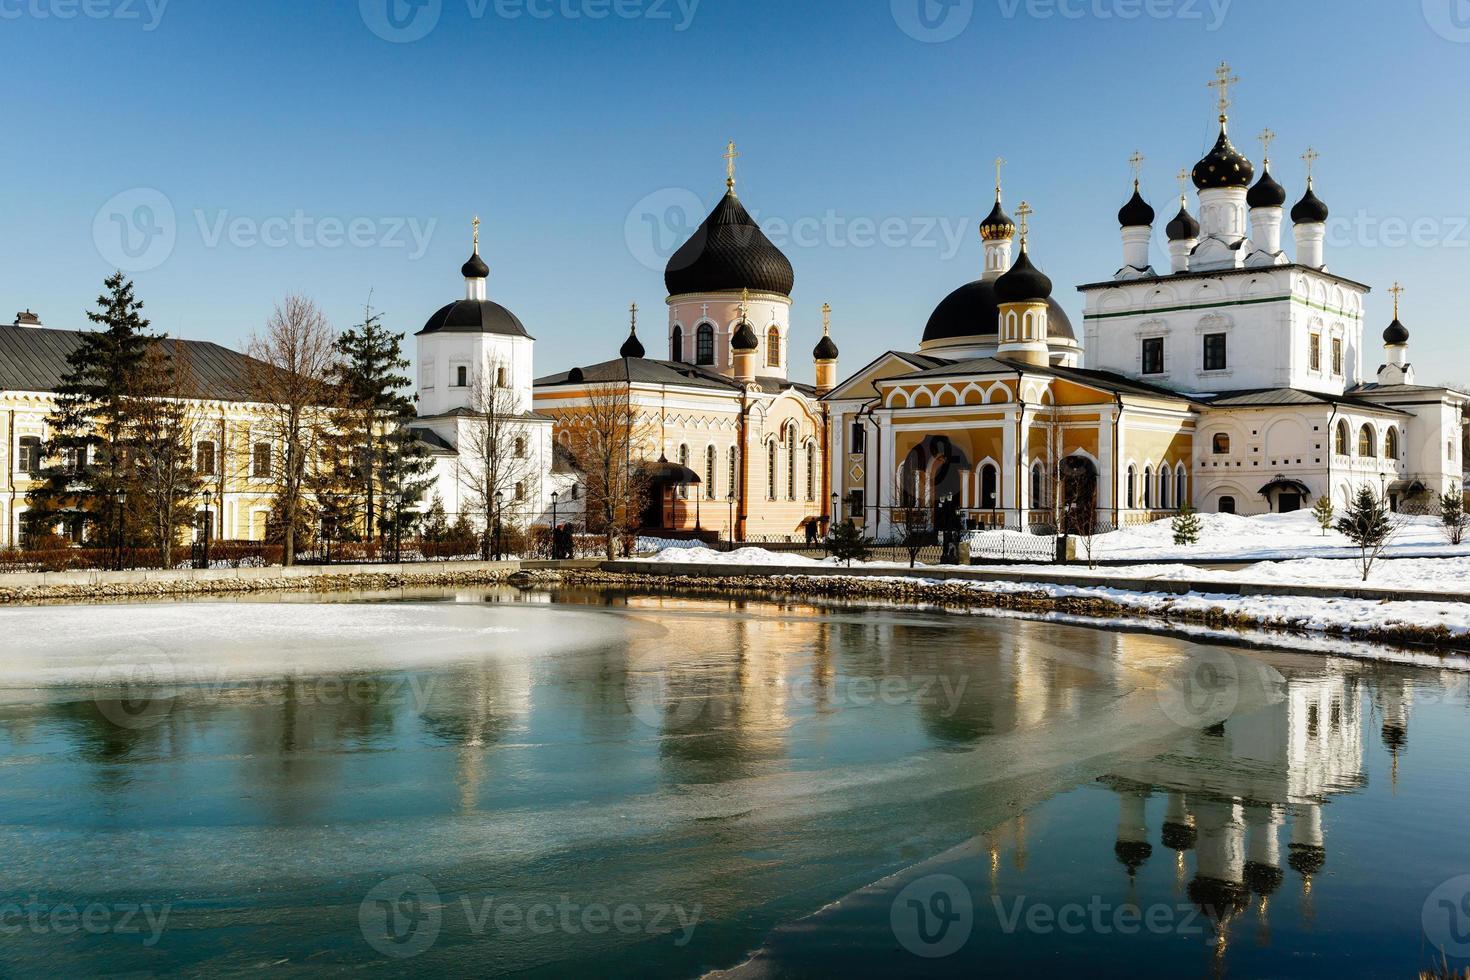 """il monastero """"davidov of deserts ascension"""" si trova a ottantacinque chilometri da Mosca foto"""